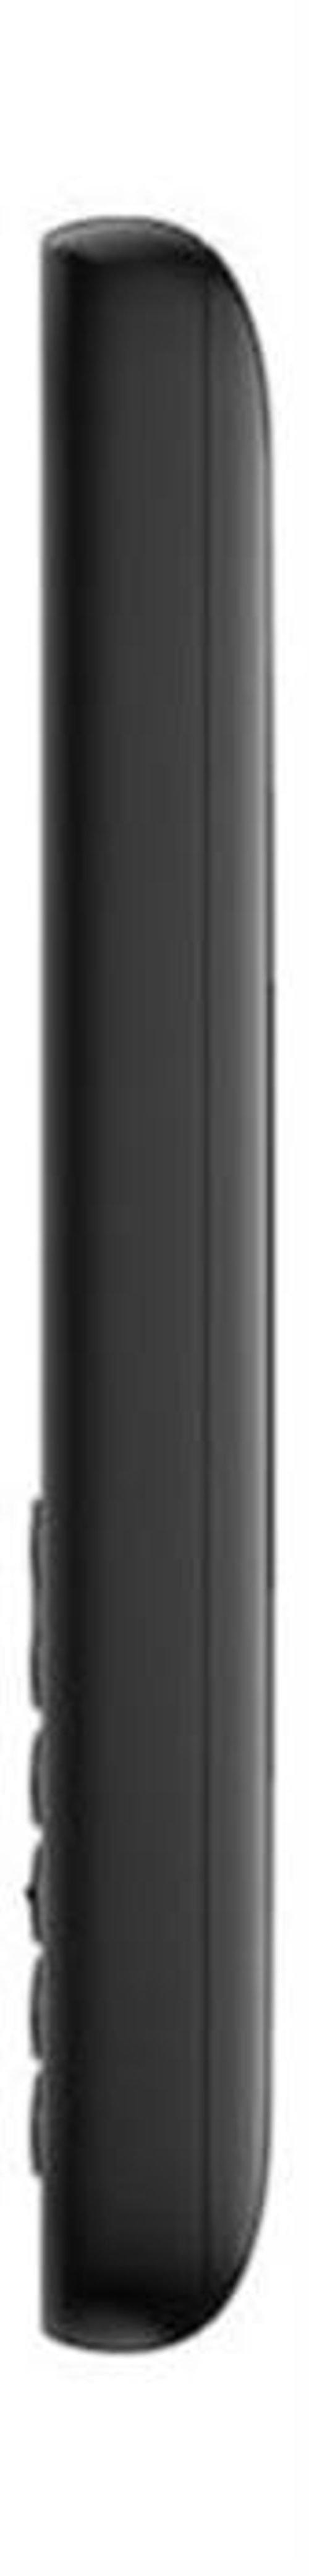 موبايل مايكروسوفت نوكيا 222 كاميرا 2ميجابكسل أسود